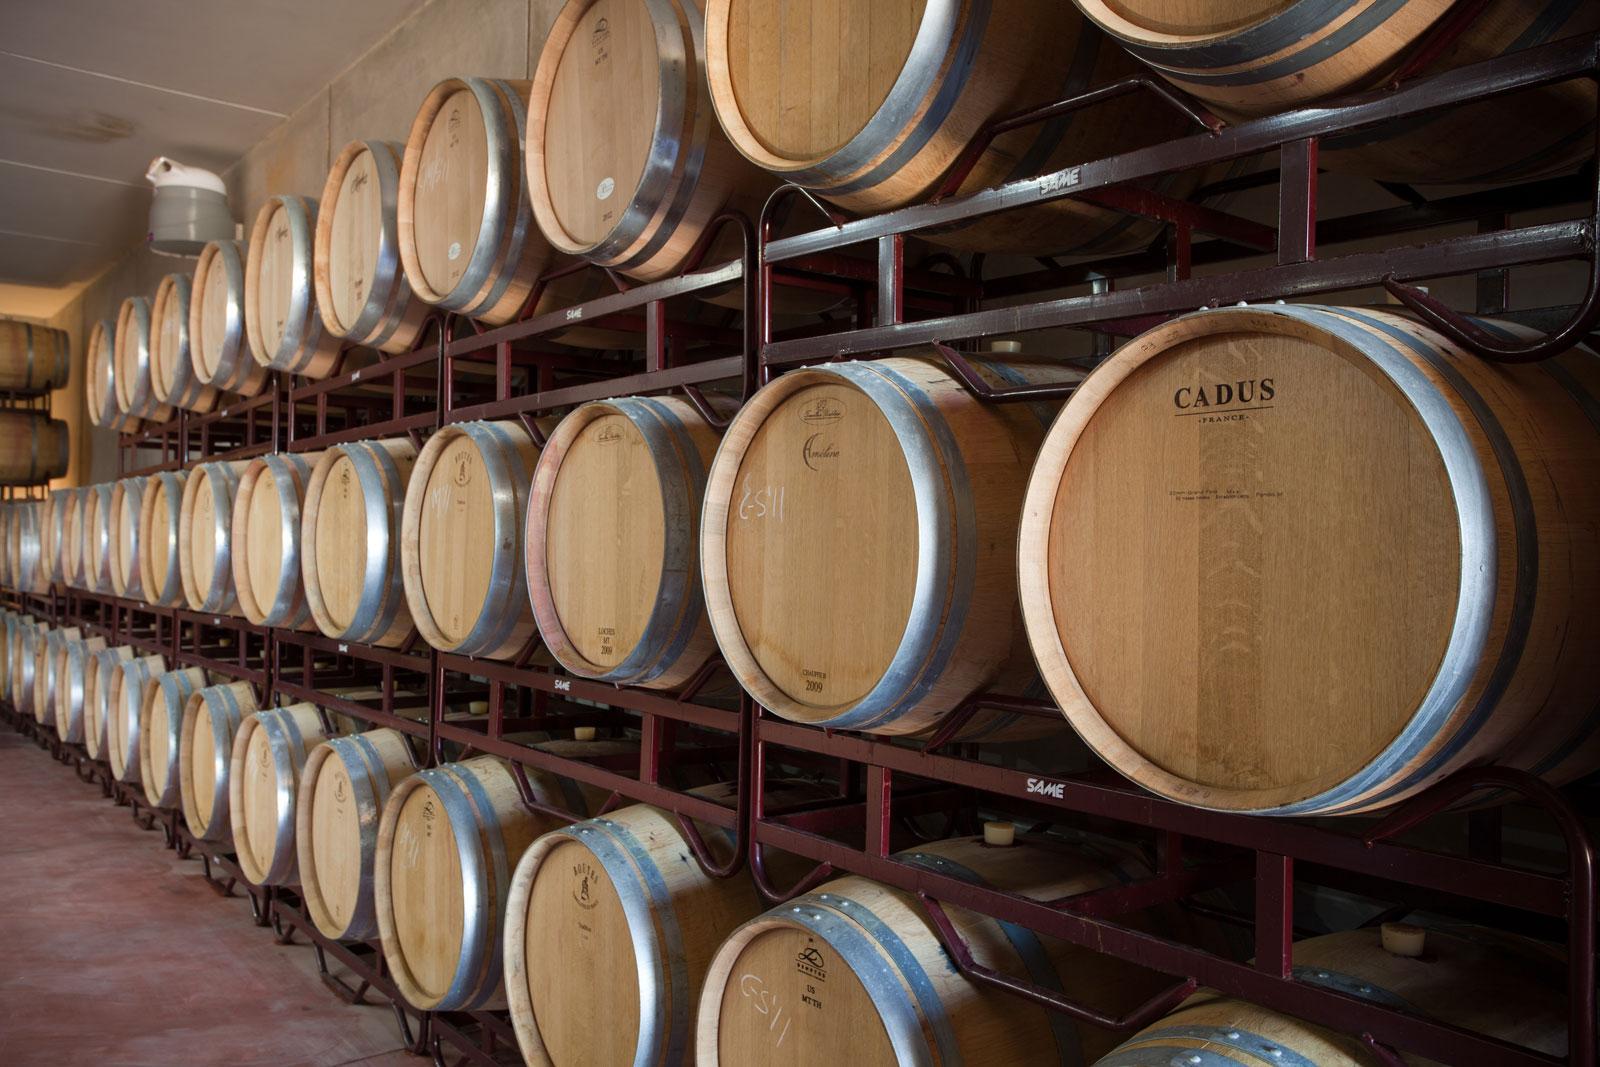 3 alturas de barricas de roble francés con vino Sa rota y Terra de Marès en su interior.